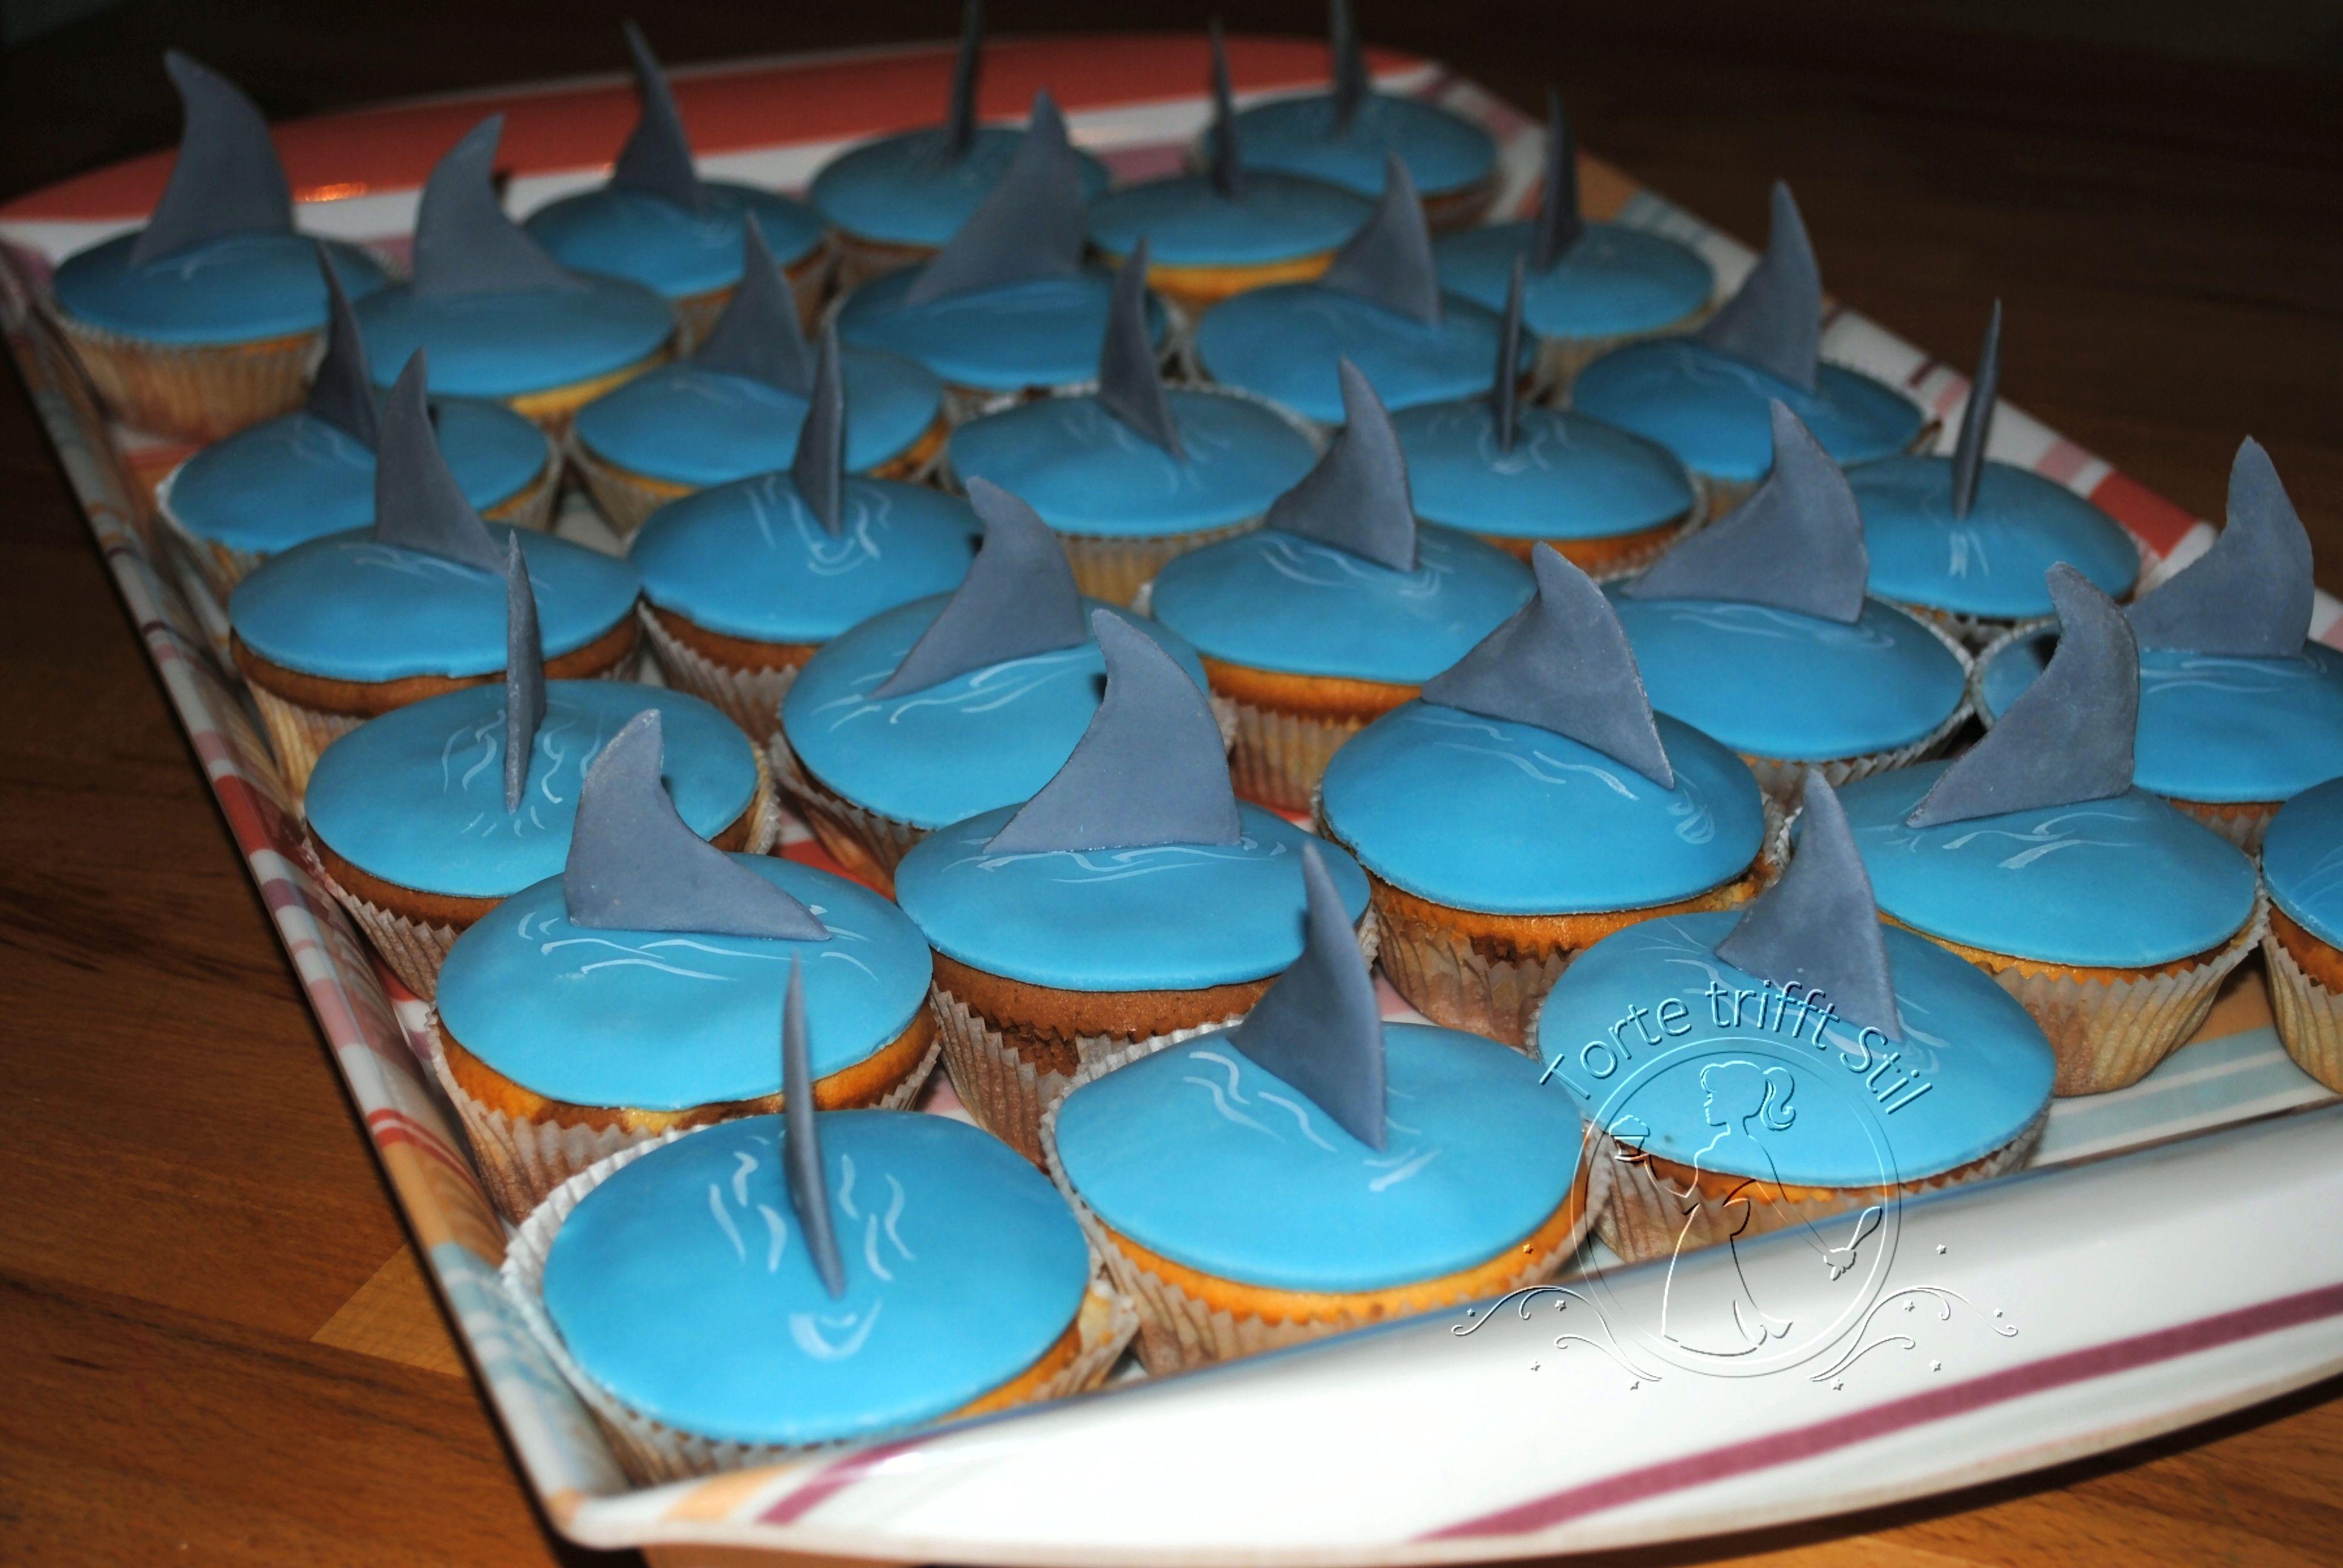 Ozean stil zimmer hai muffins  torte trifft stil  eliaz zimmer  pinterest